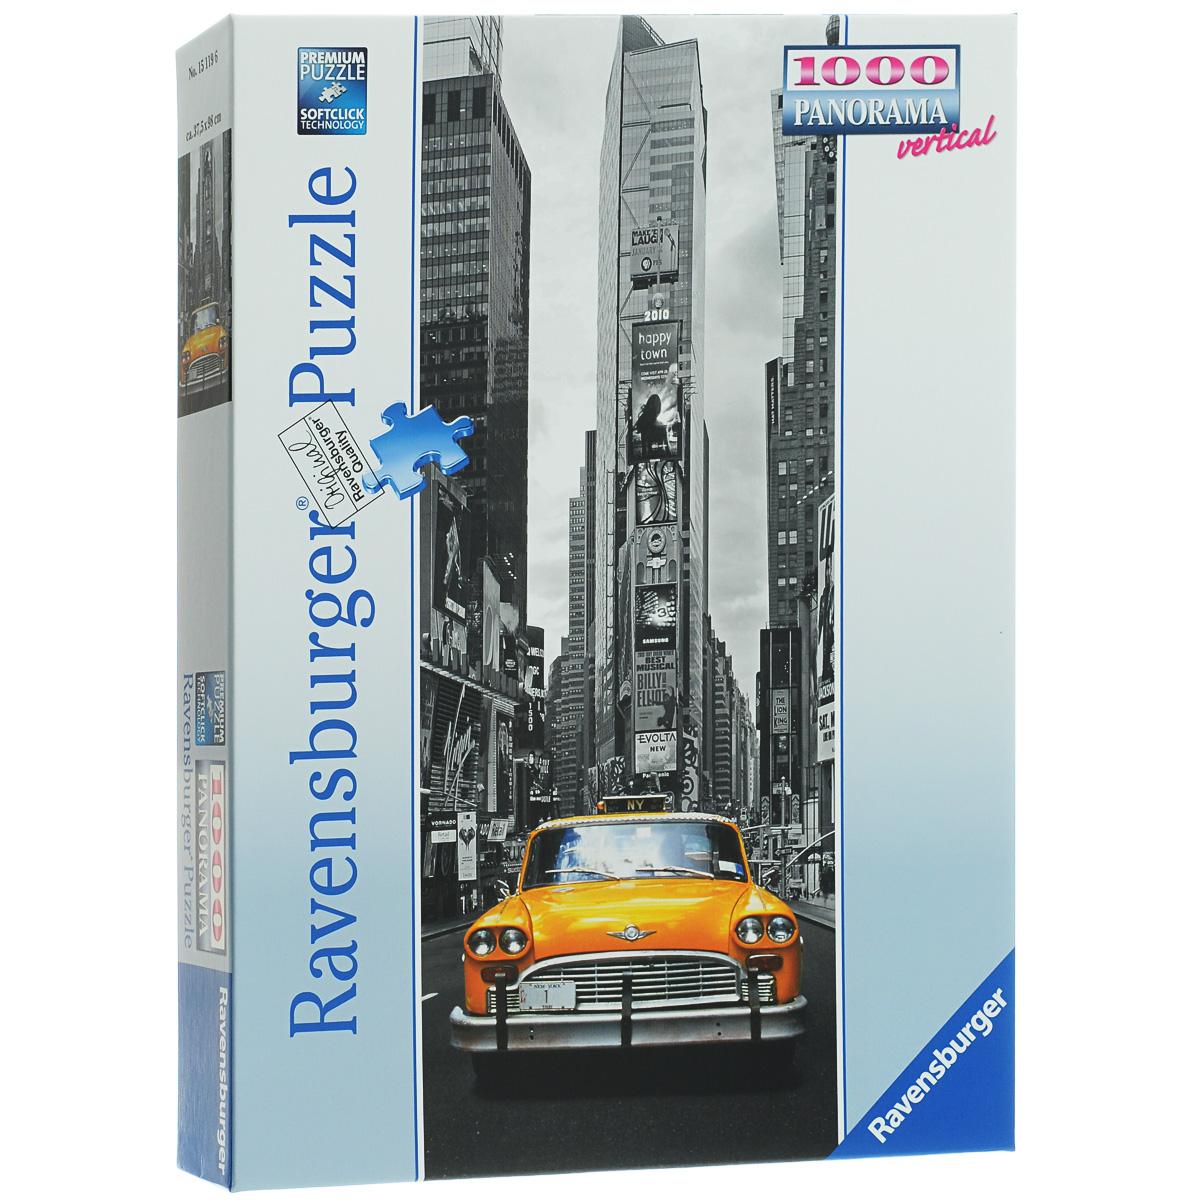 Ravensburger Нью-Йоркское такси. Пазл-панорама, 1000 элементов15119Пазл Ravensburger Нью-Йоркское такси понравится и вам, и вашему ребенку. Собрав этот пазл, включающий в себя 1000 элементов, вы получите великолепную панорамную картину с черно-белым изображением улиц Нью-Йорка. Каждая деталь имеет свою форму и подходит только на свое место. Нет двух одинаковых деталей! Пазл изготовлен из картона высочайшего качества. Softclick технология гарантирует 100% соединение деталей. Все изображения аккуратно отсканированы и напечатаны на ламинированной бумаге. Пазл - великолепная игра для семейного досуга. Сегодня собирание пазлов стало особенно популярным, главным образом, благодаря своей многообразной тематике, способной удовлетворить самый взыскательный вкус. А для детей это не только интересно, но и полезно. Собирание пазла развивает мелкую моторику у ребенка, тренирует наблюдательность, логическое мышление, знакомит с окружающим миром, с цветом и разнообразными формами.